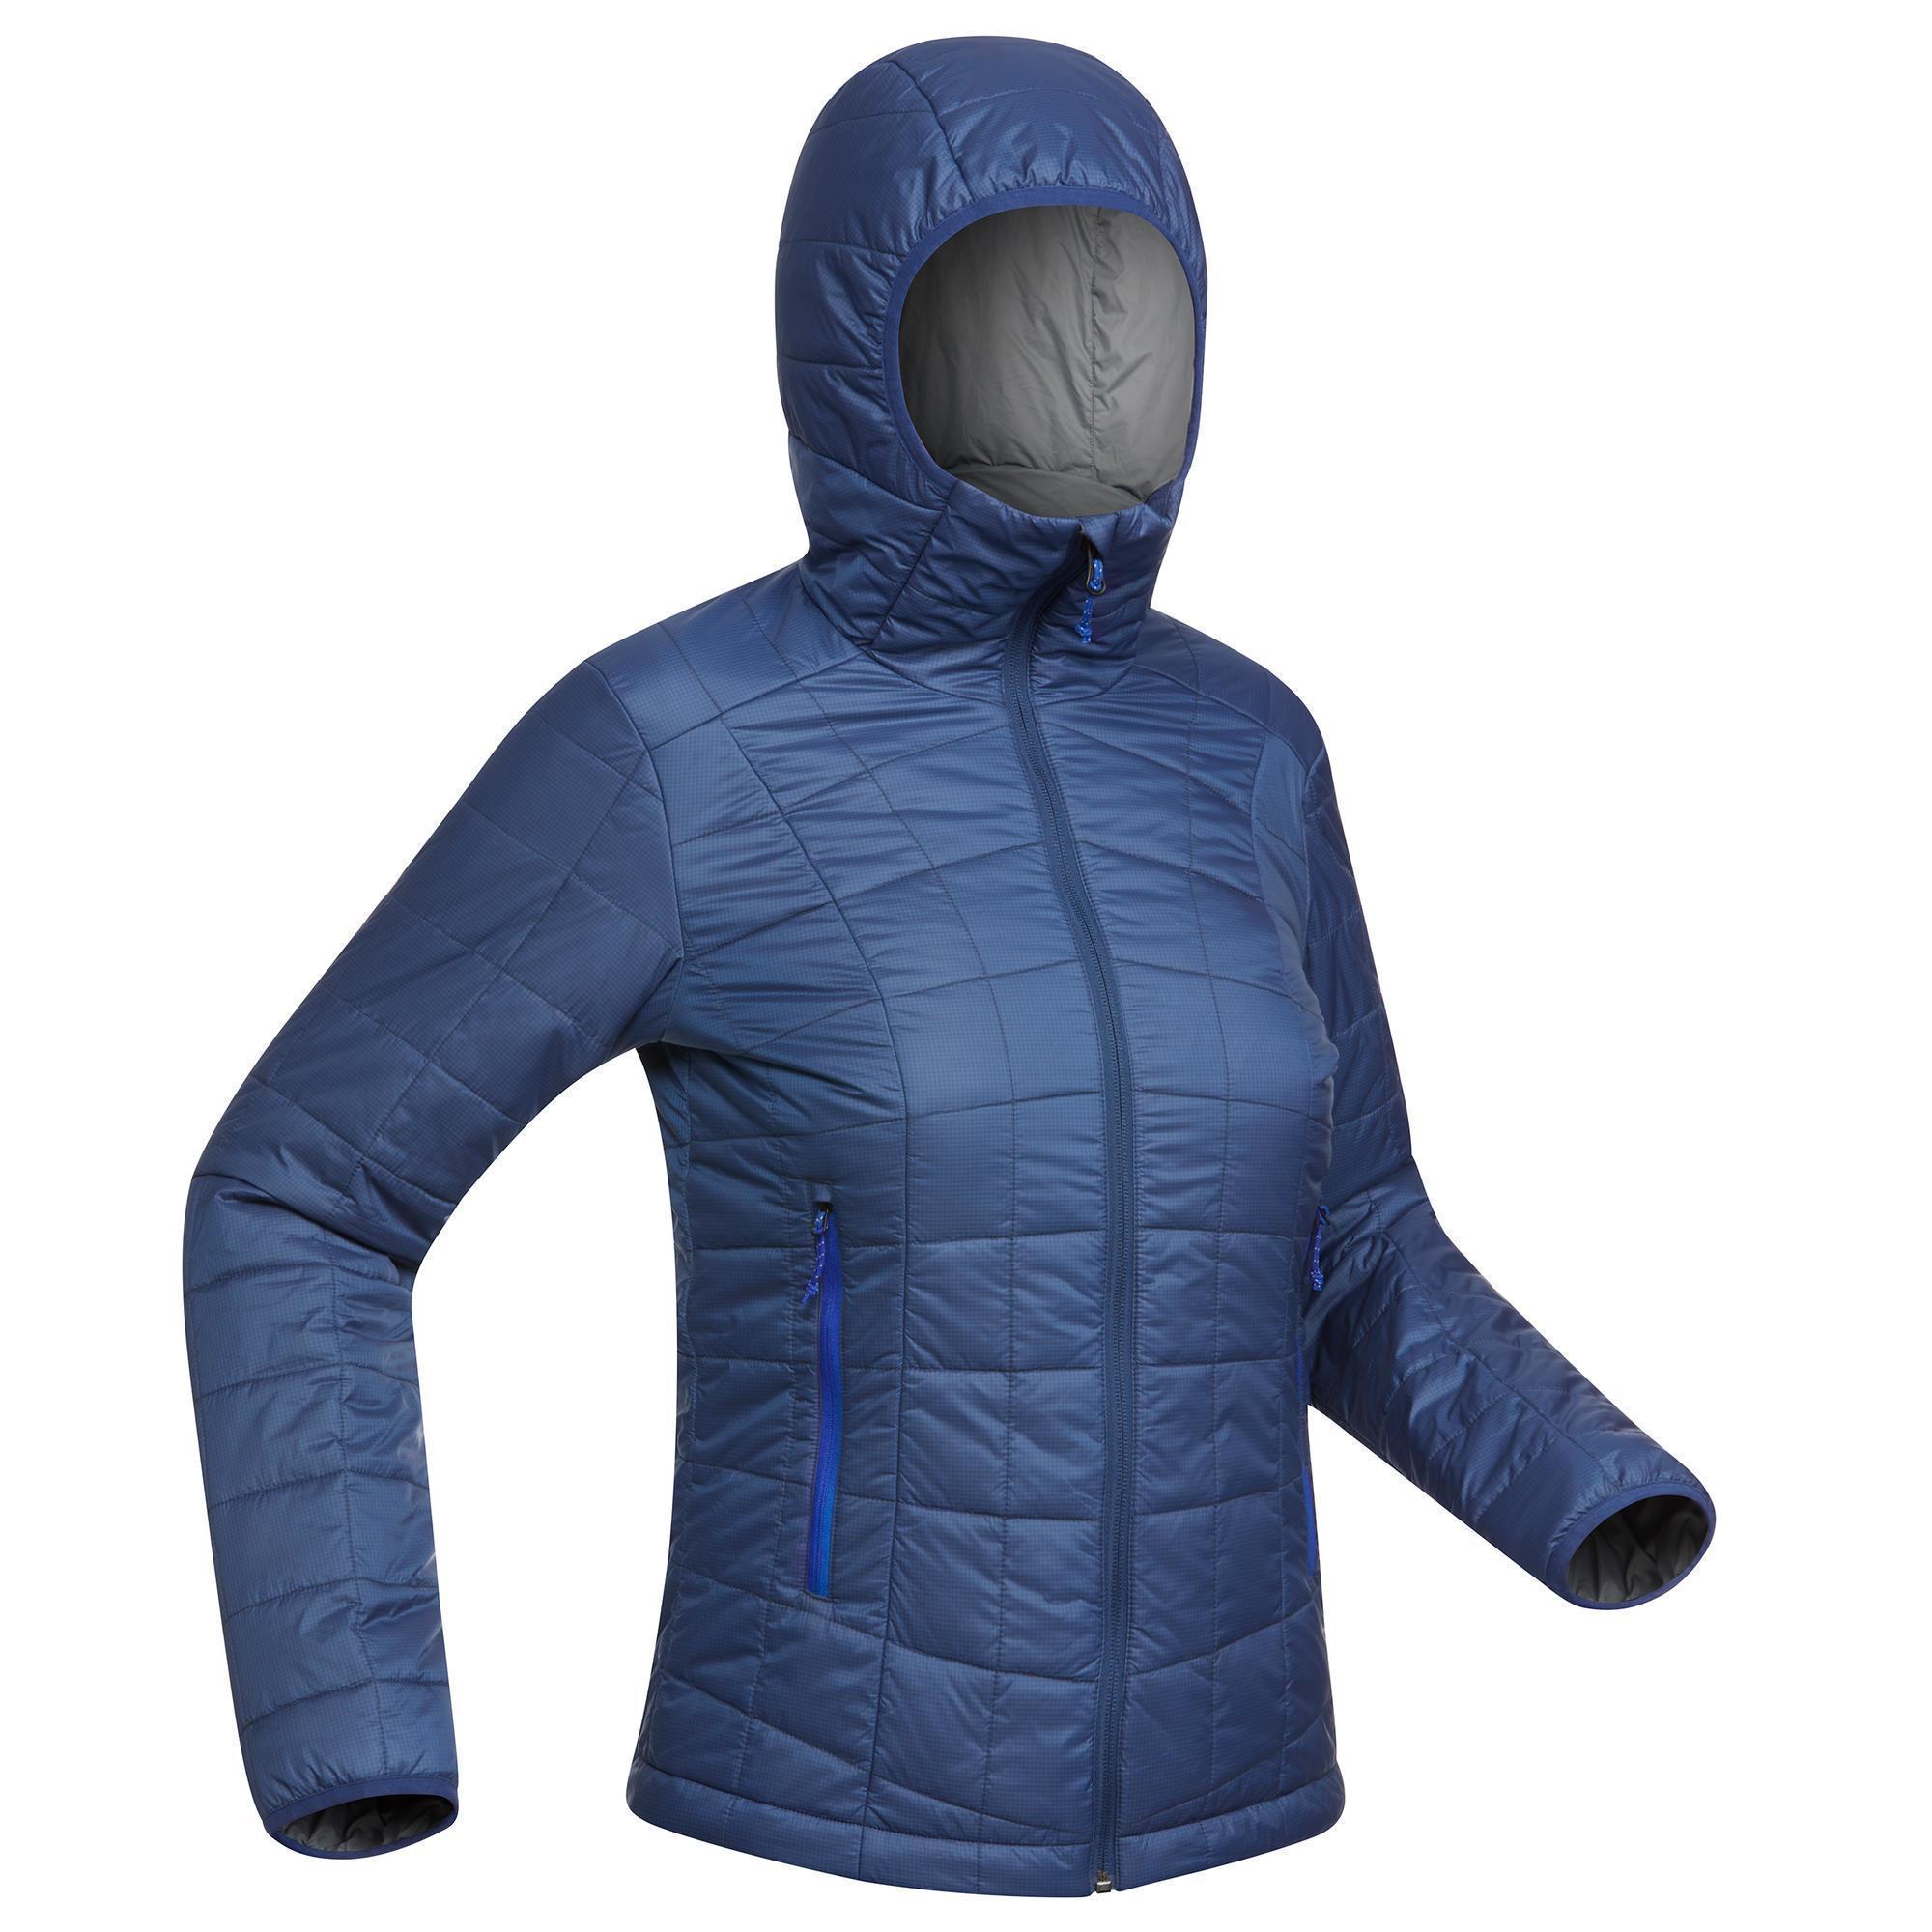 Bleu Montagne 100 Trek Doudoune Capuche Femme Trekking b67yYvfg